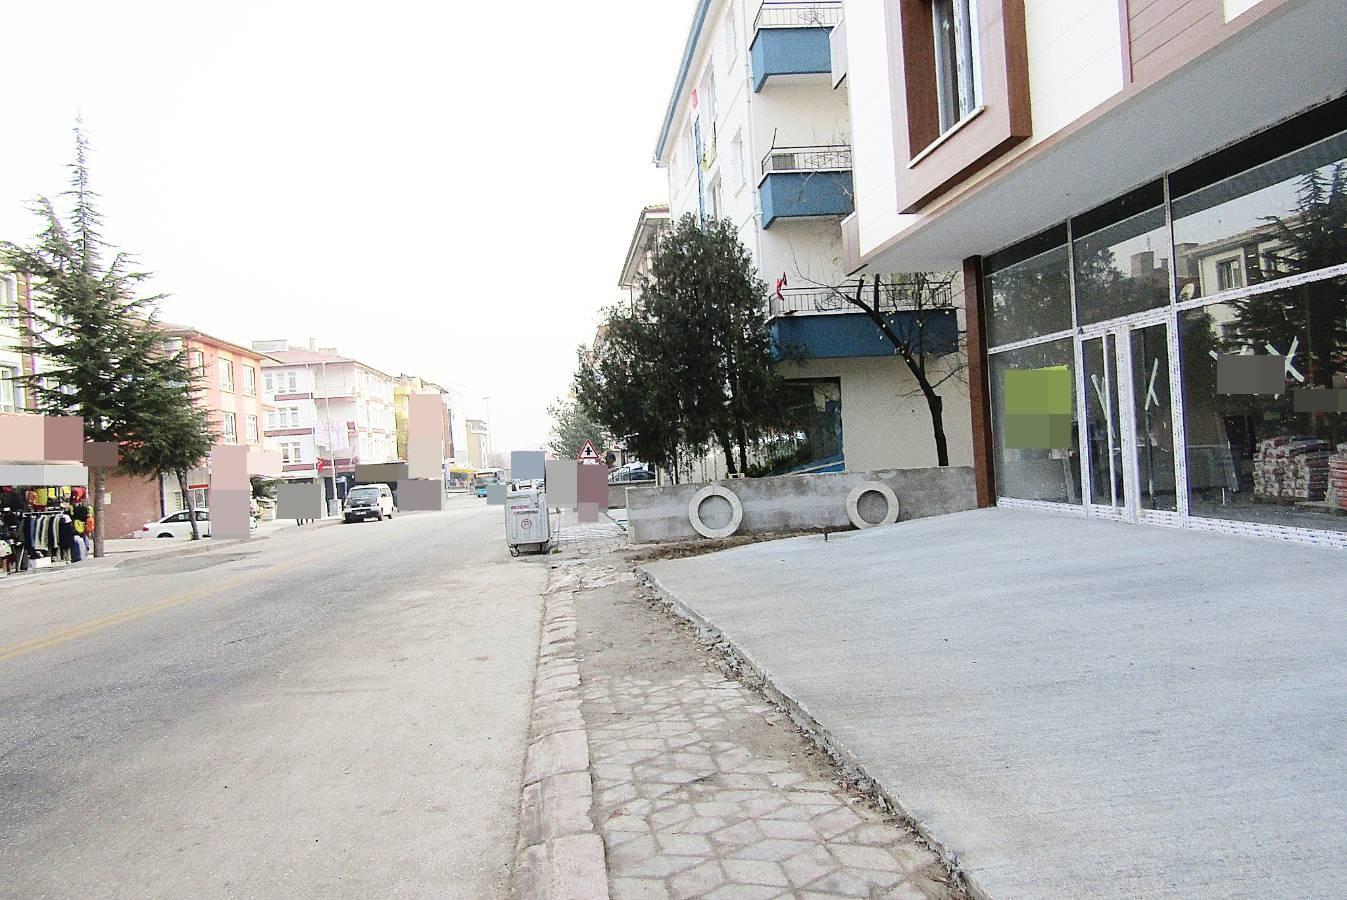 SR EMLAK'TAN K.KARABEKİR MAH'DE 125m² KÖŞE BAŞI SATILIK DÜKKAN